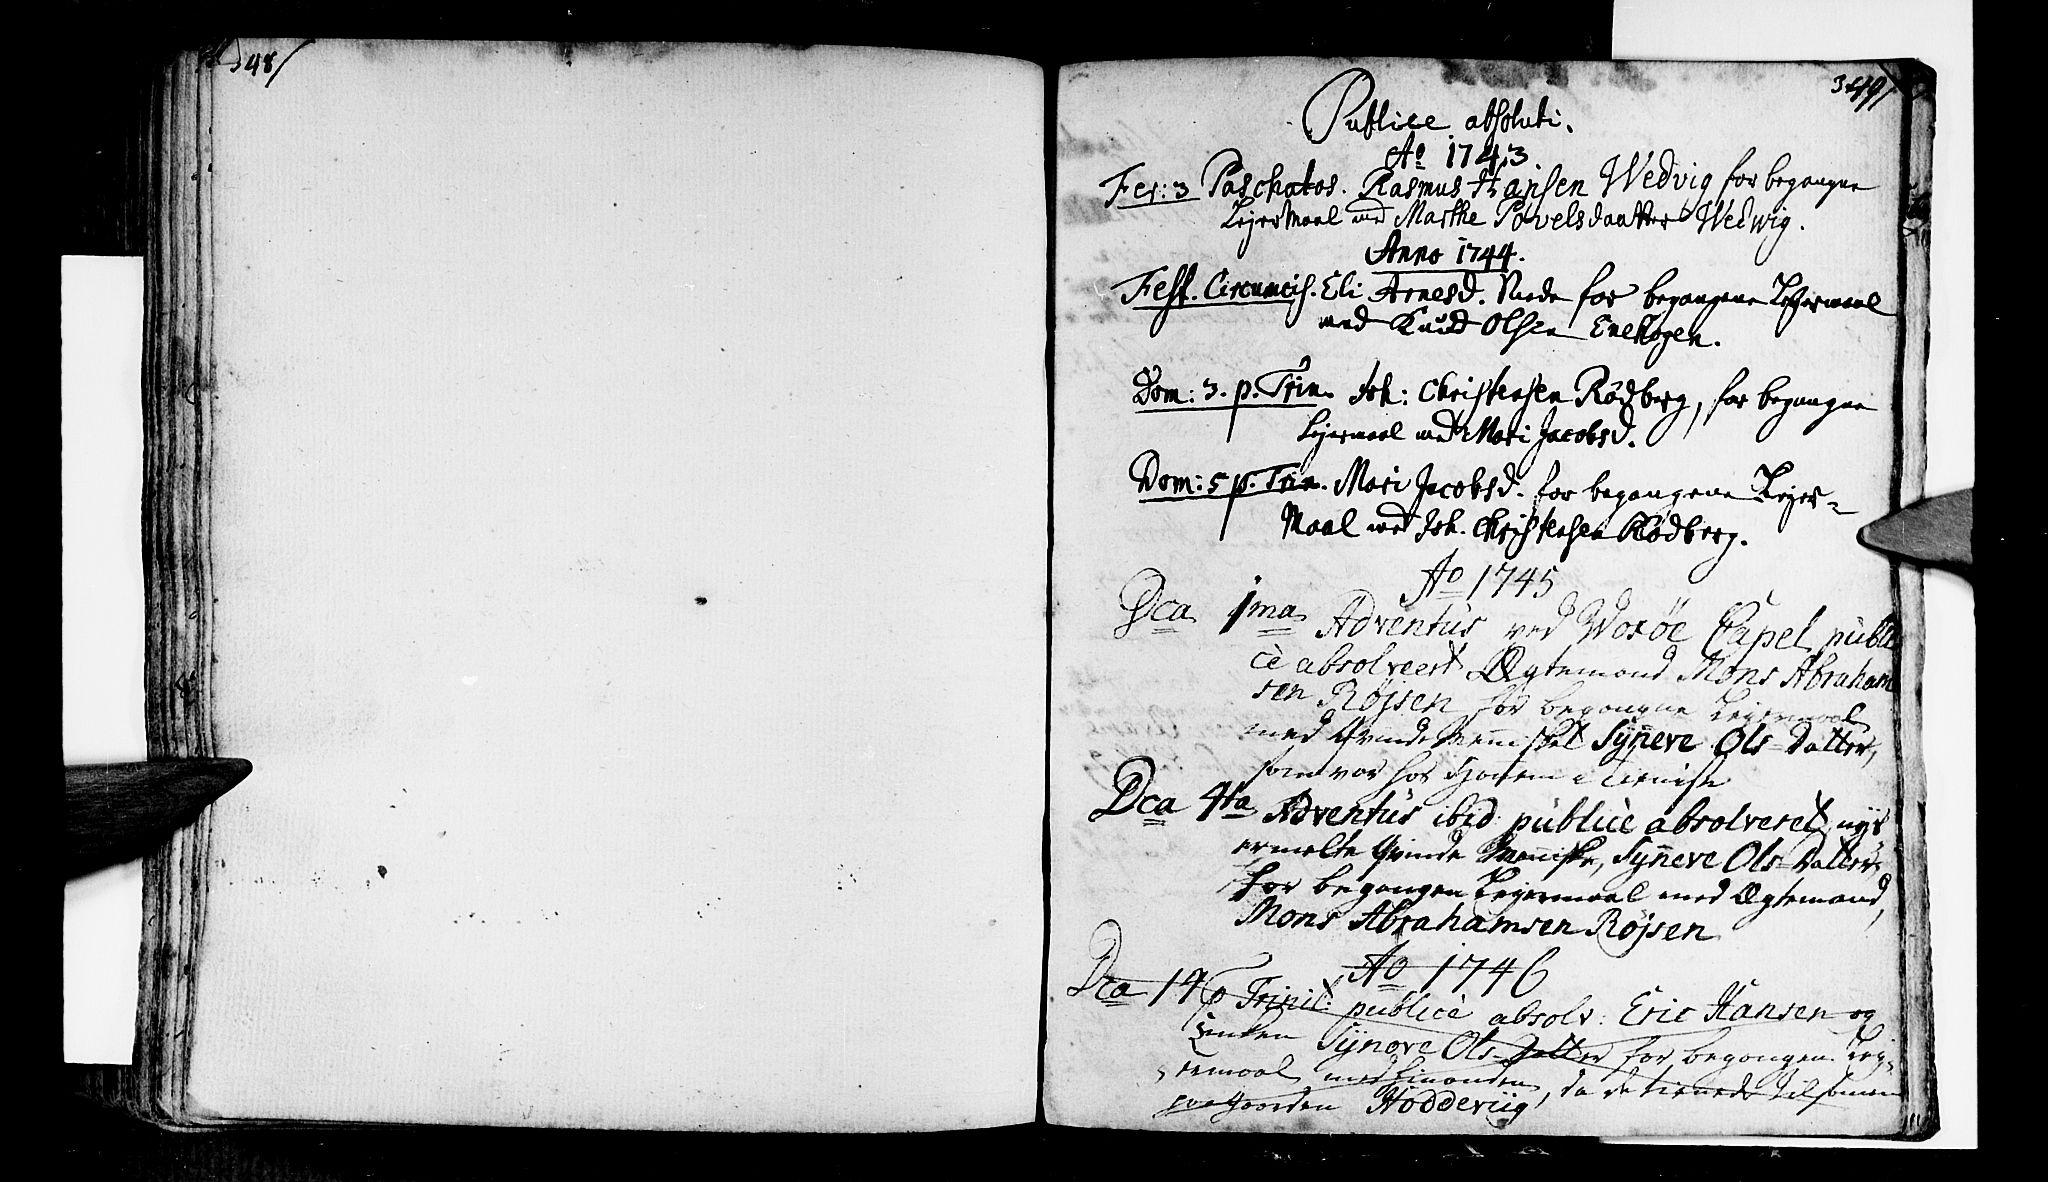 SAB, Selje sokneprestembete*, Ministerialbok nr. A 4, 1743-1759, s. 348-349